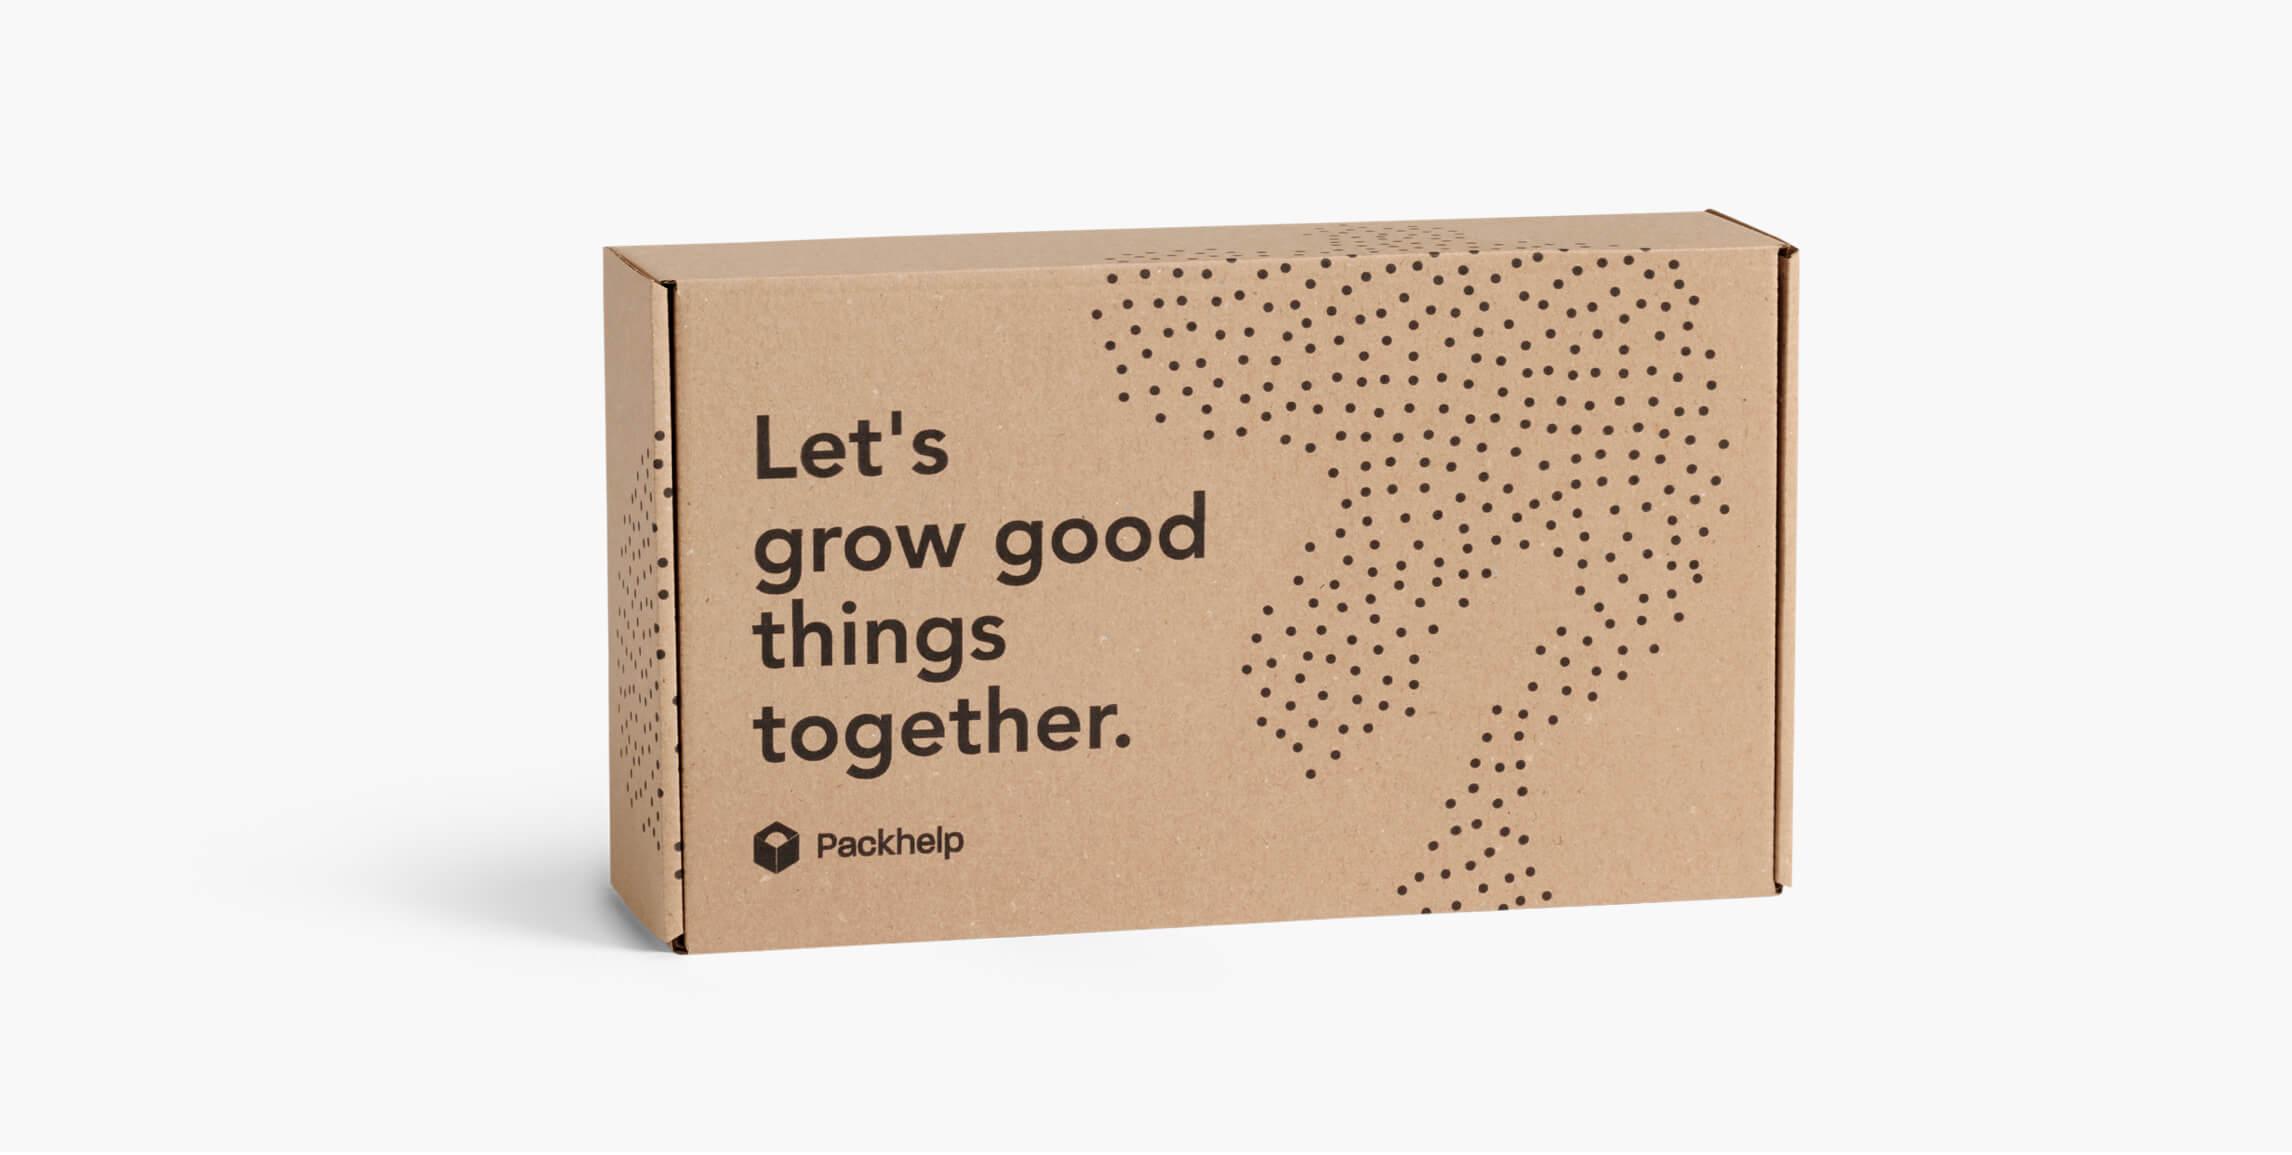 Caja postal Eco para tu negocio